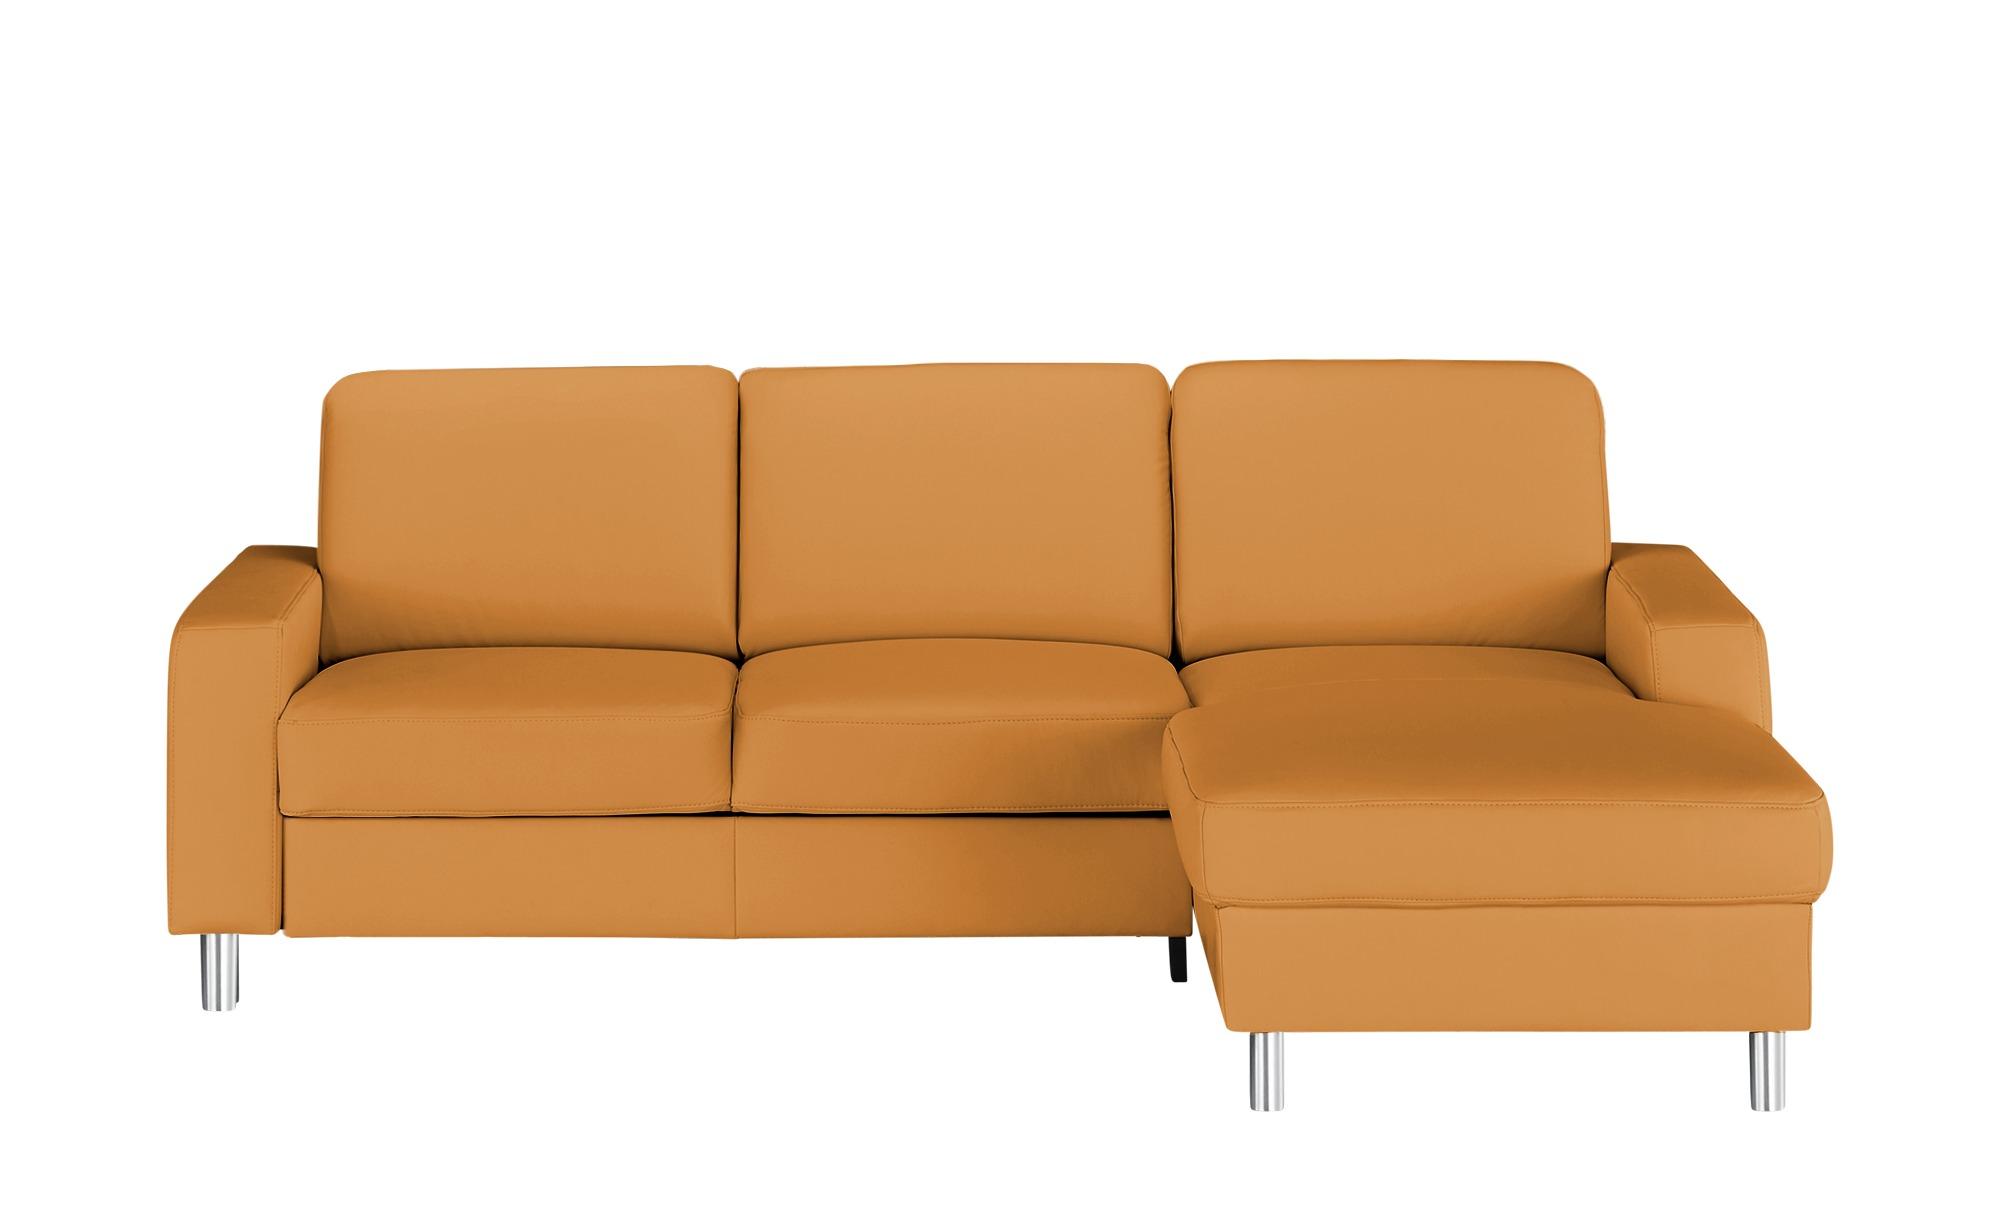 meinSofa Elementgruppe  Byron ¦ orange ¦ Maße (cm): H: 86 Polstermöbel > Sofas > Ecksofas - Höffner